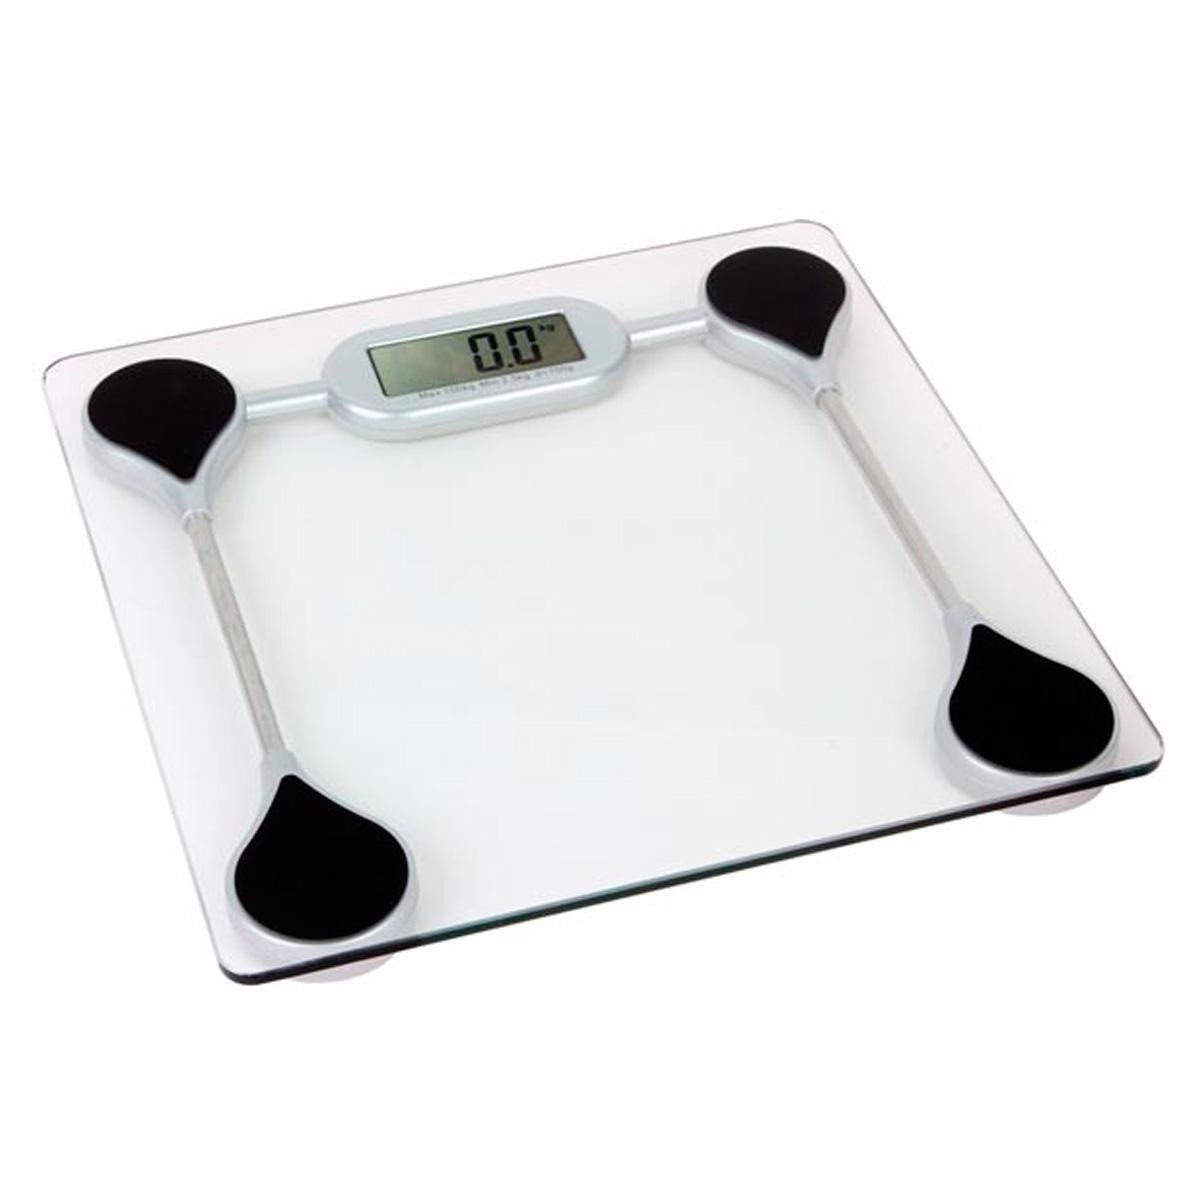 Balanza bascula digital de ba o 150kg 100g - Bascula de bano digital ...